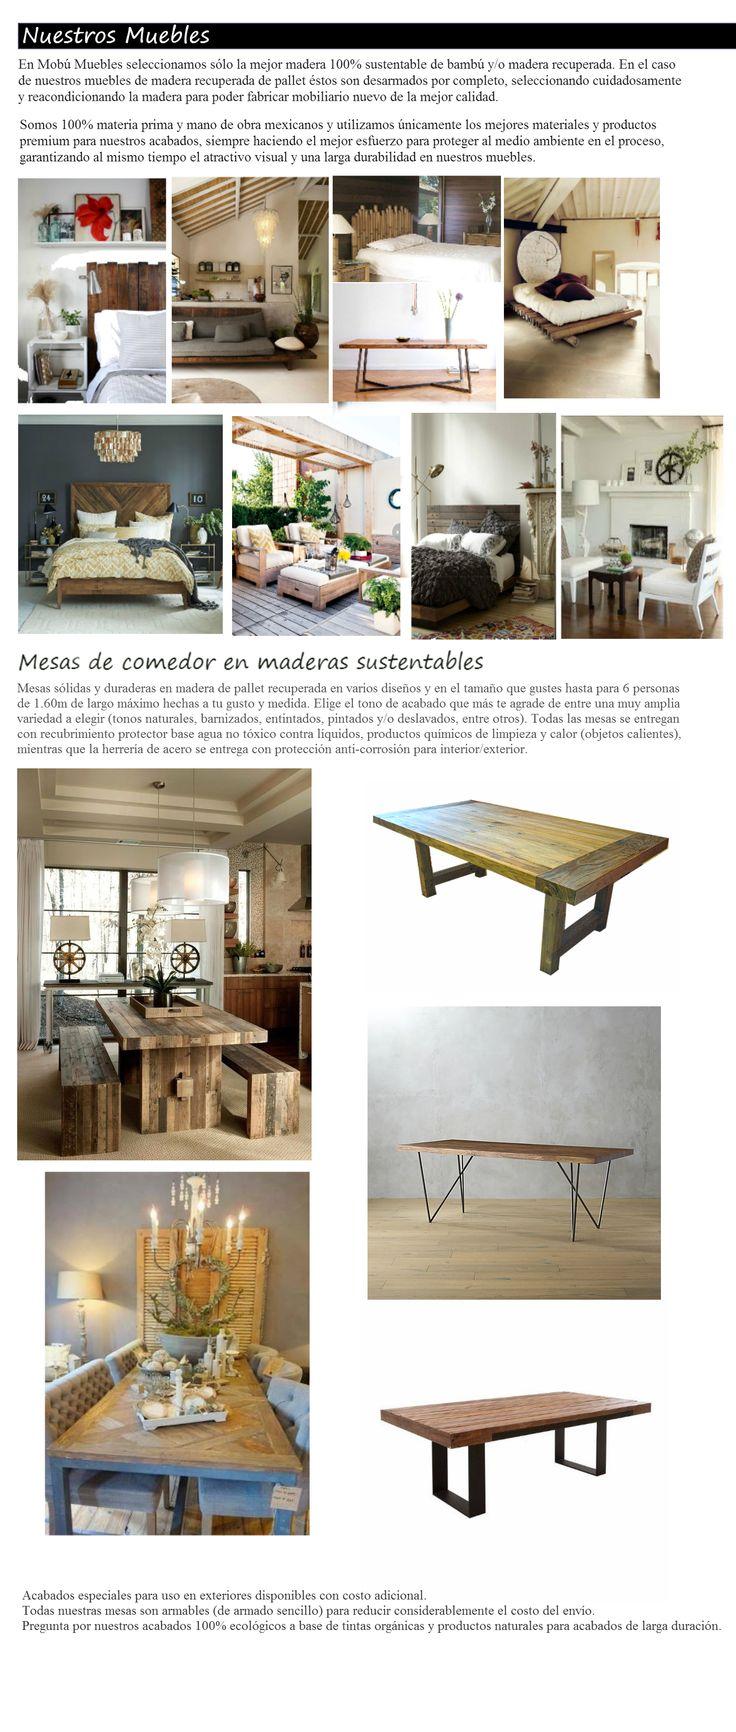 Mesas Comedor R Sticas Vintage Sustentable Atu Medida 6 Pers  # Muebles Sustentables Df